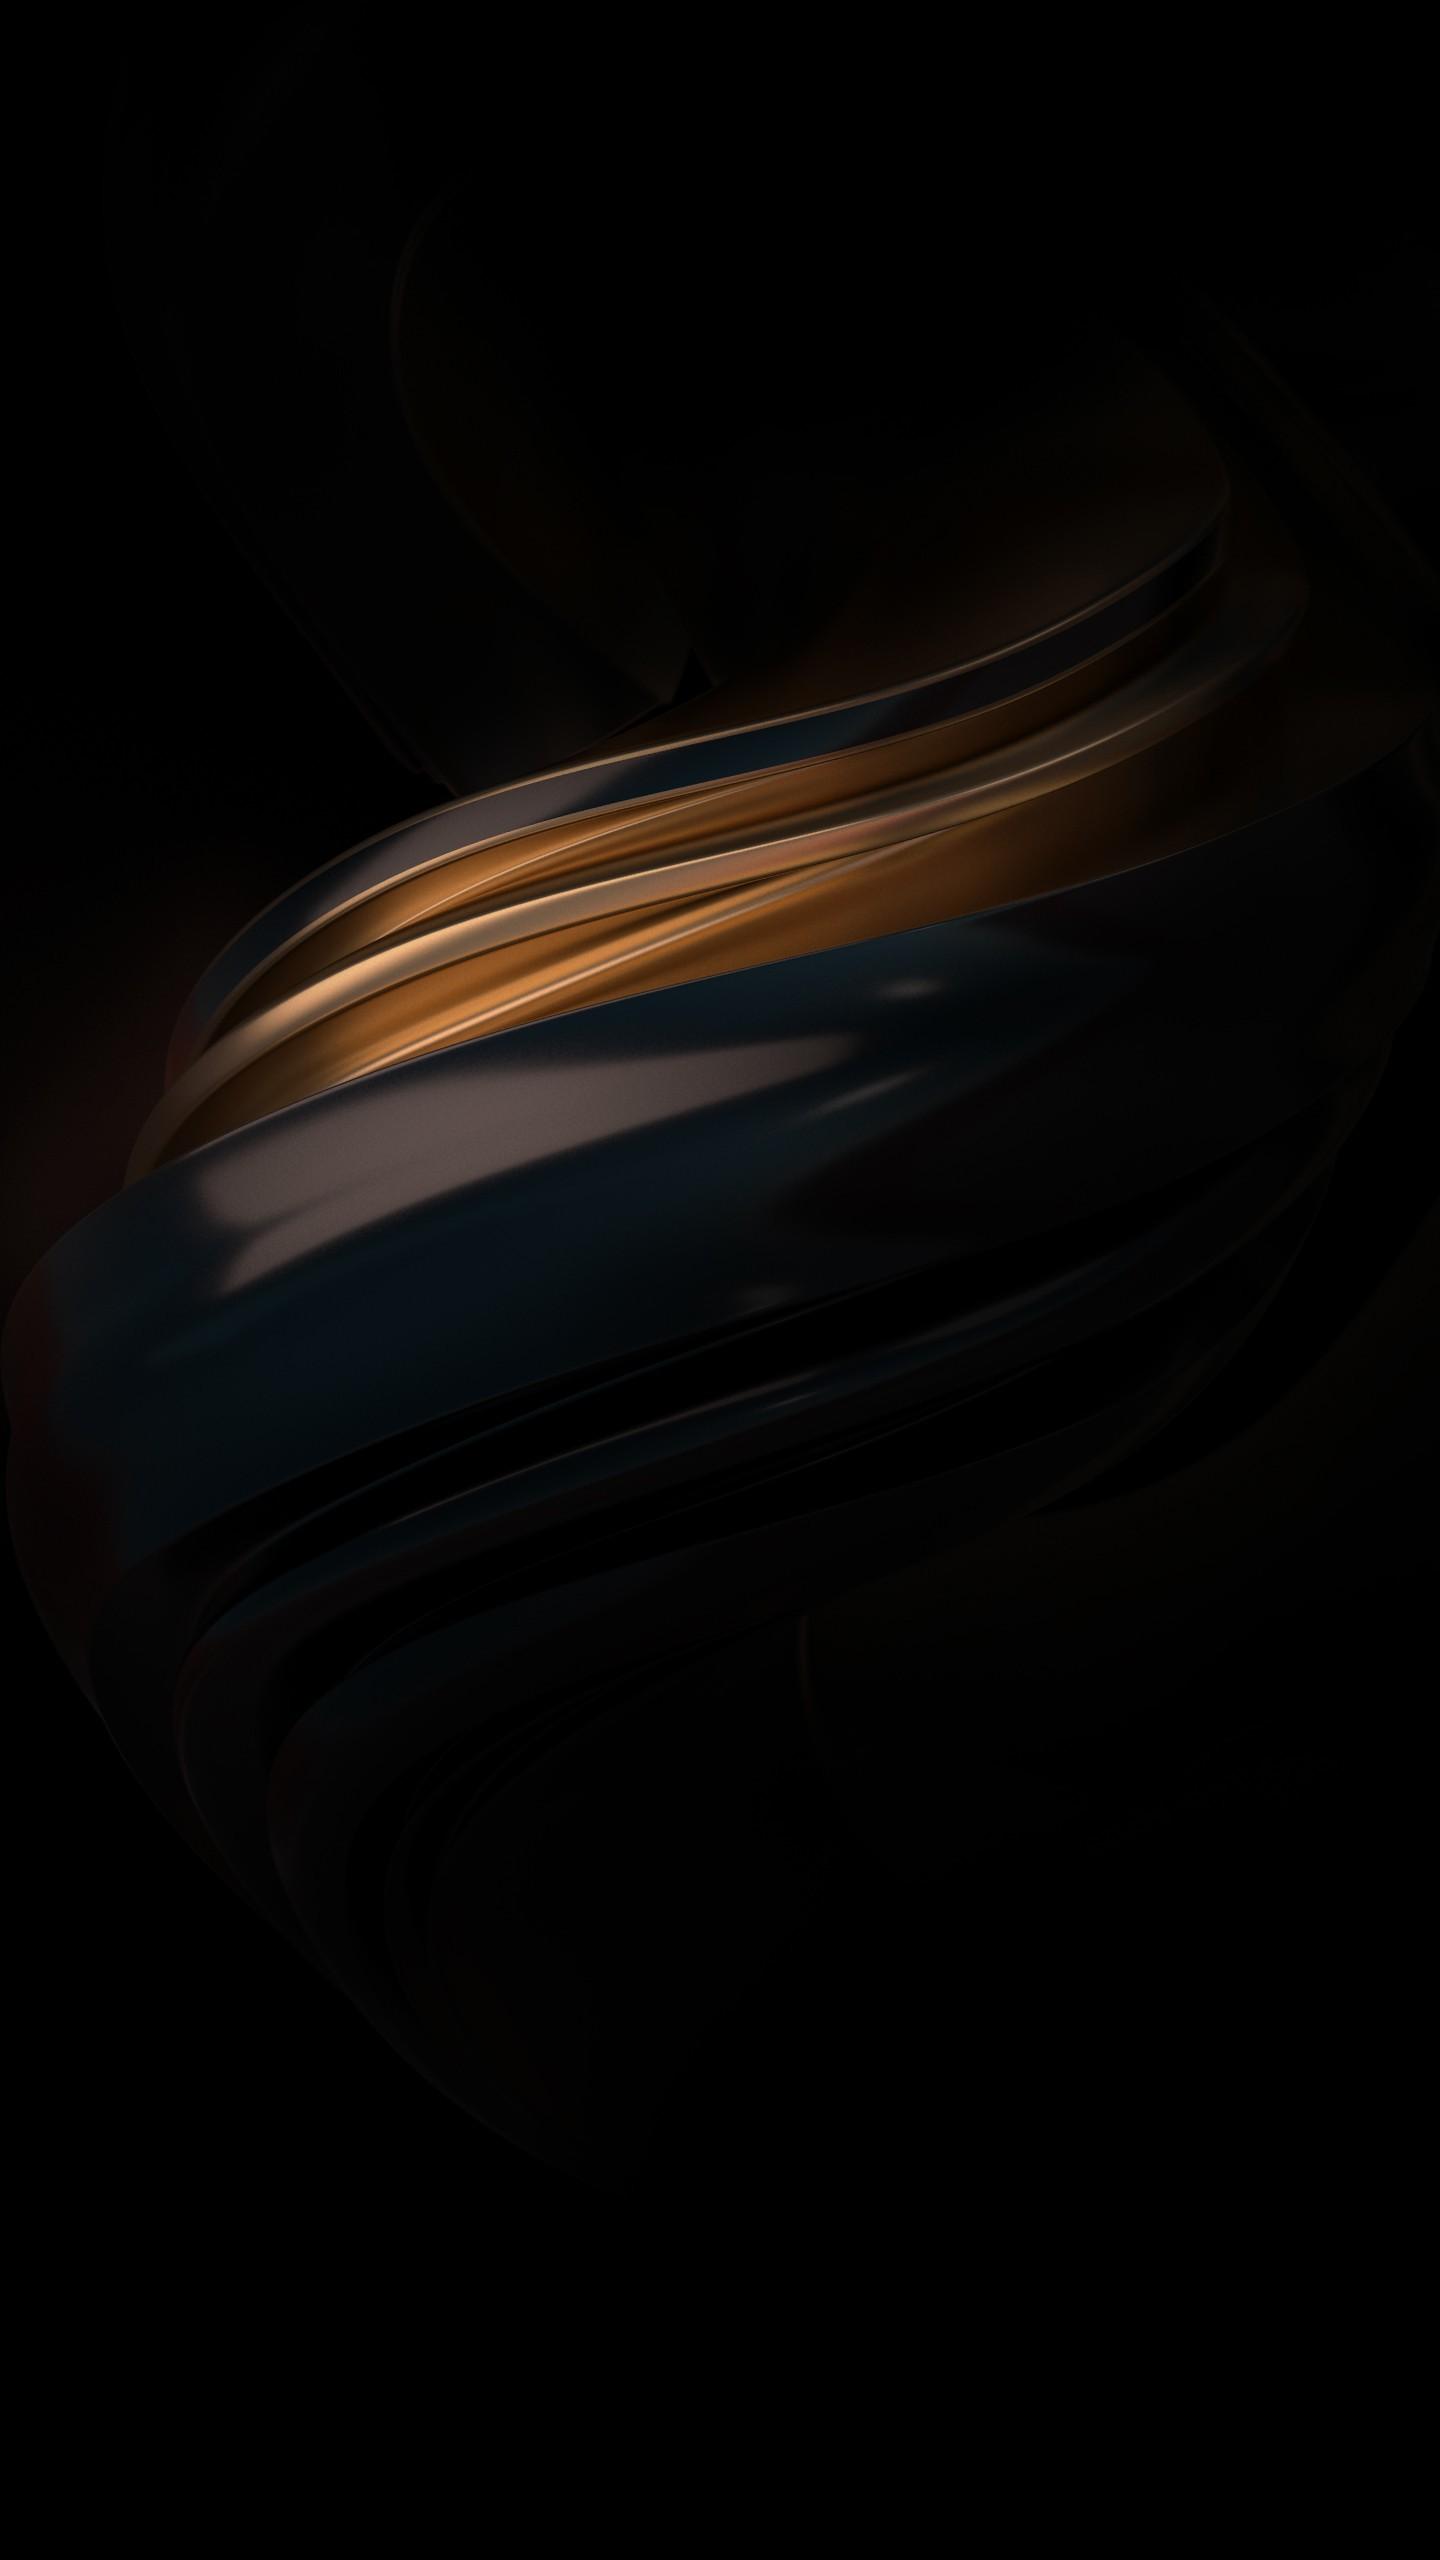 عکس زمینه مینیمال تیره قهوه ای با کلاس و شیک پس زمینه